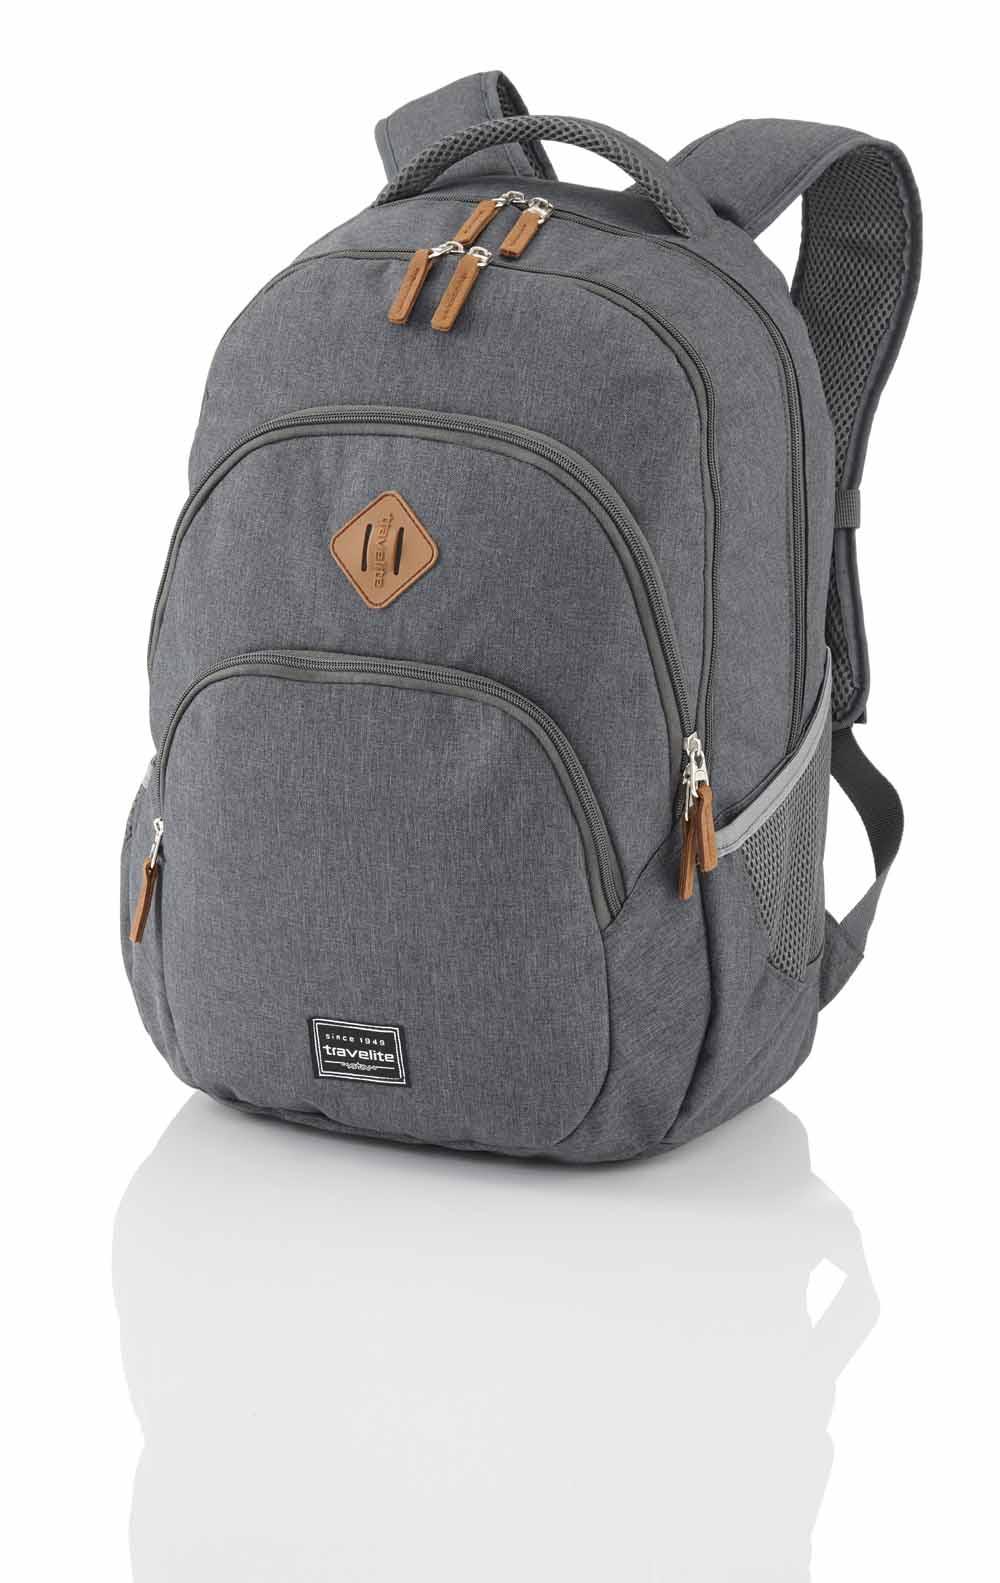 96308 TRAVELITE BASICS Plecak Uniwersalny 22L Anthrazit, zdjęcie szczegółu